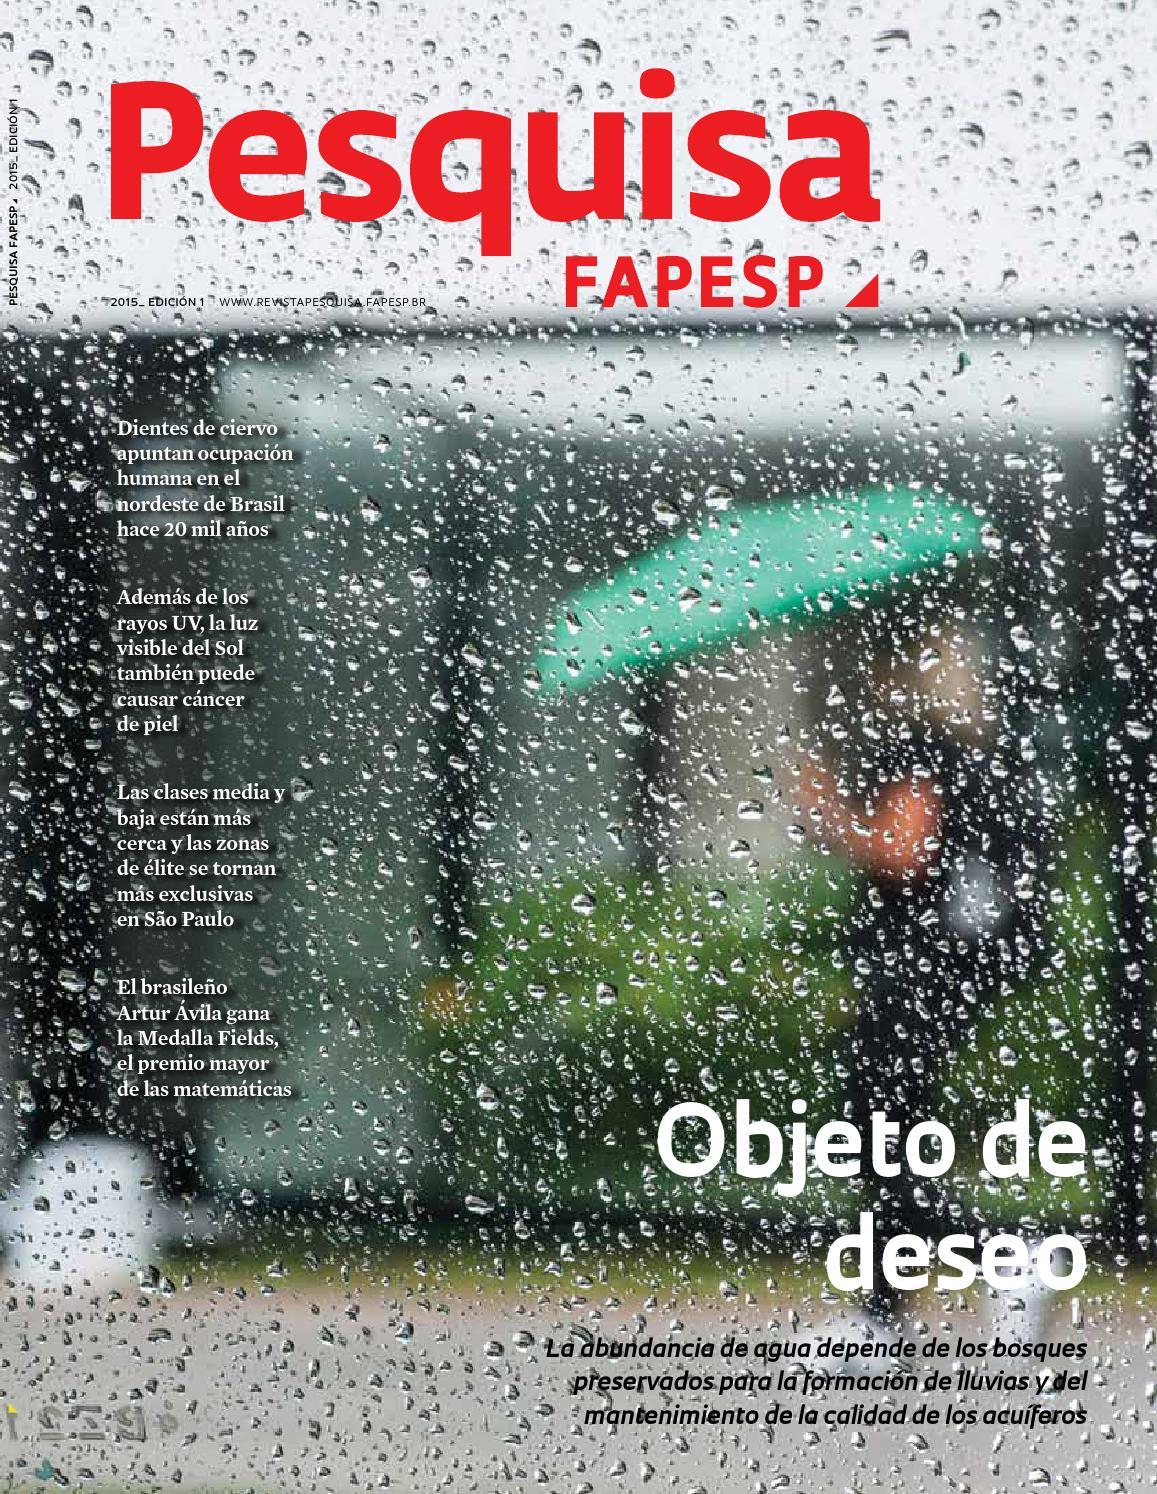 Objeto de deseo by Pesquisa Fapesp - issuu